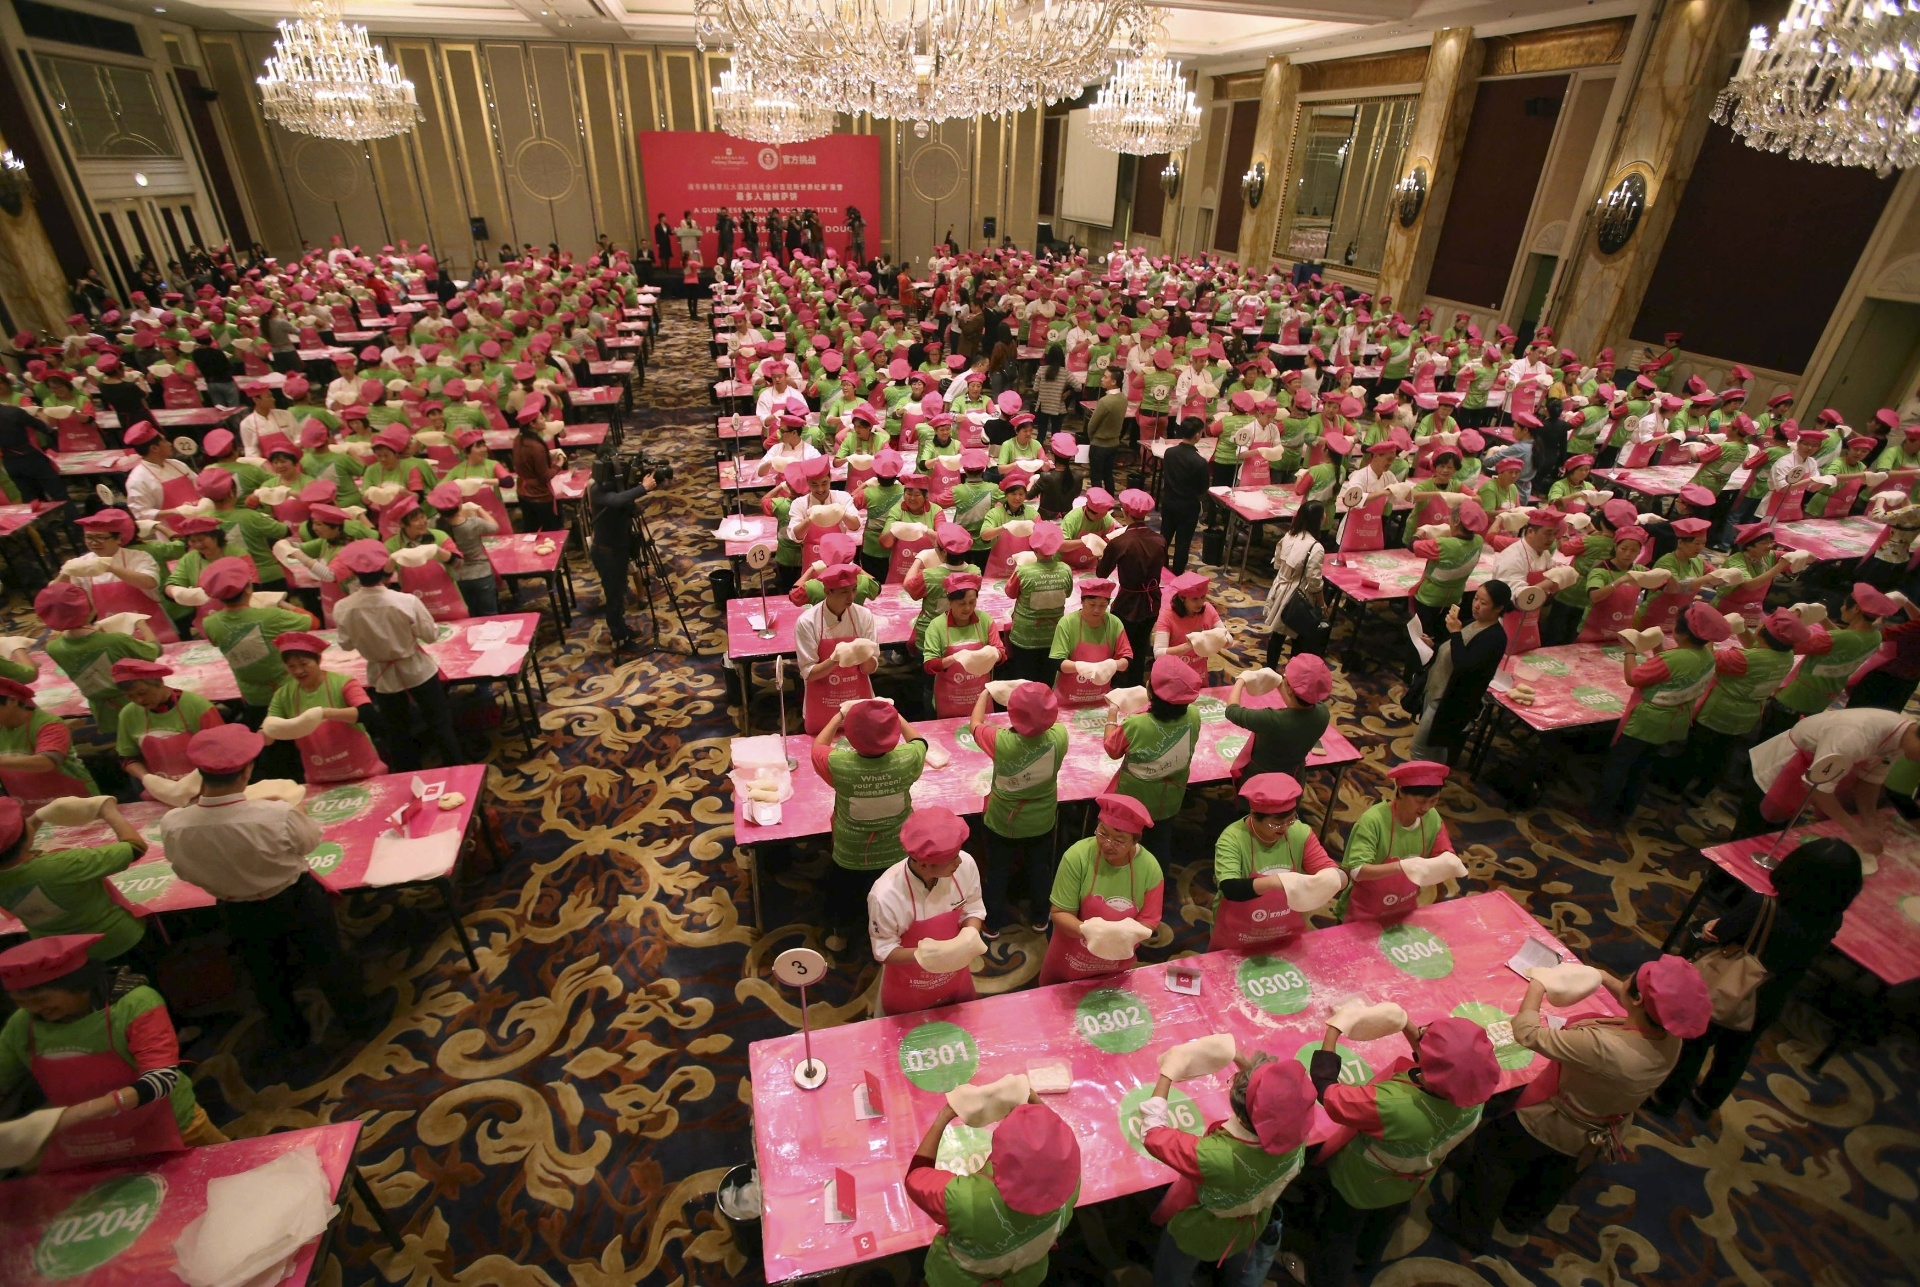 #14 | Перфекционизм по-китайски: зловещая магия организованной толпы | BrainBerries